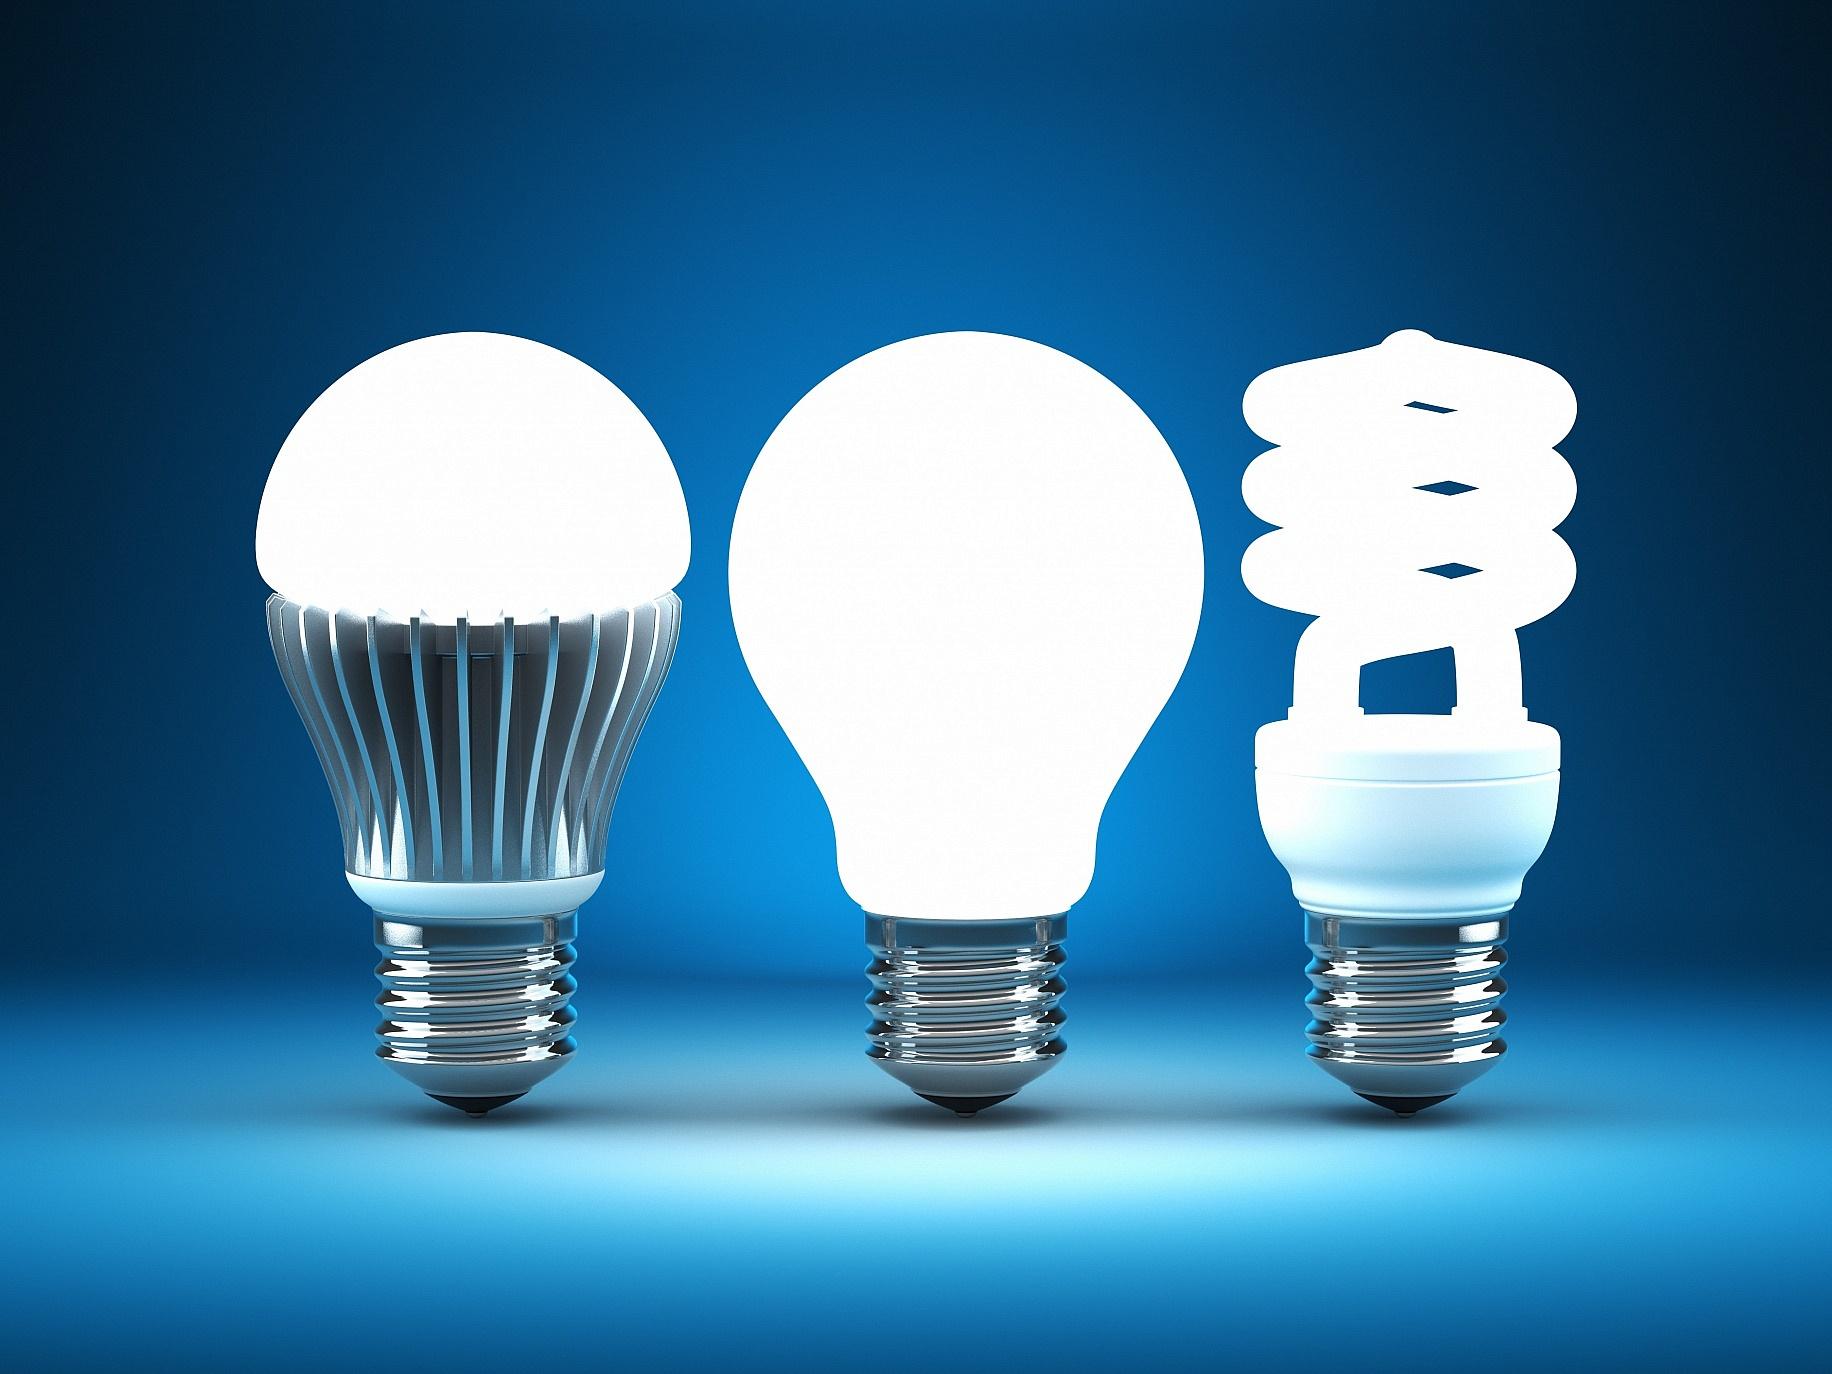 ONE体育赞助皇家马德里,为其引入独家LED技术